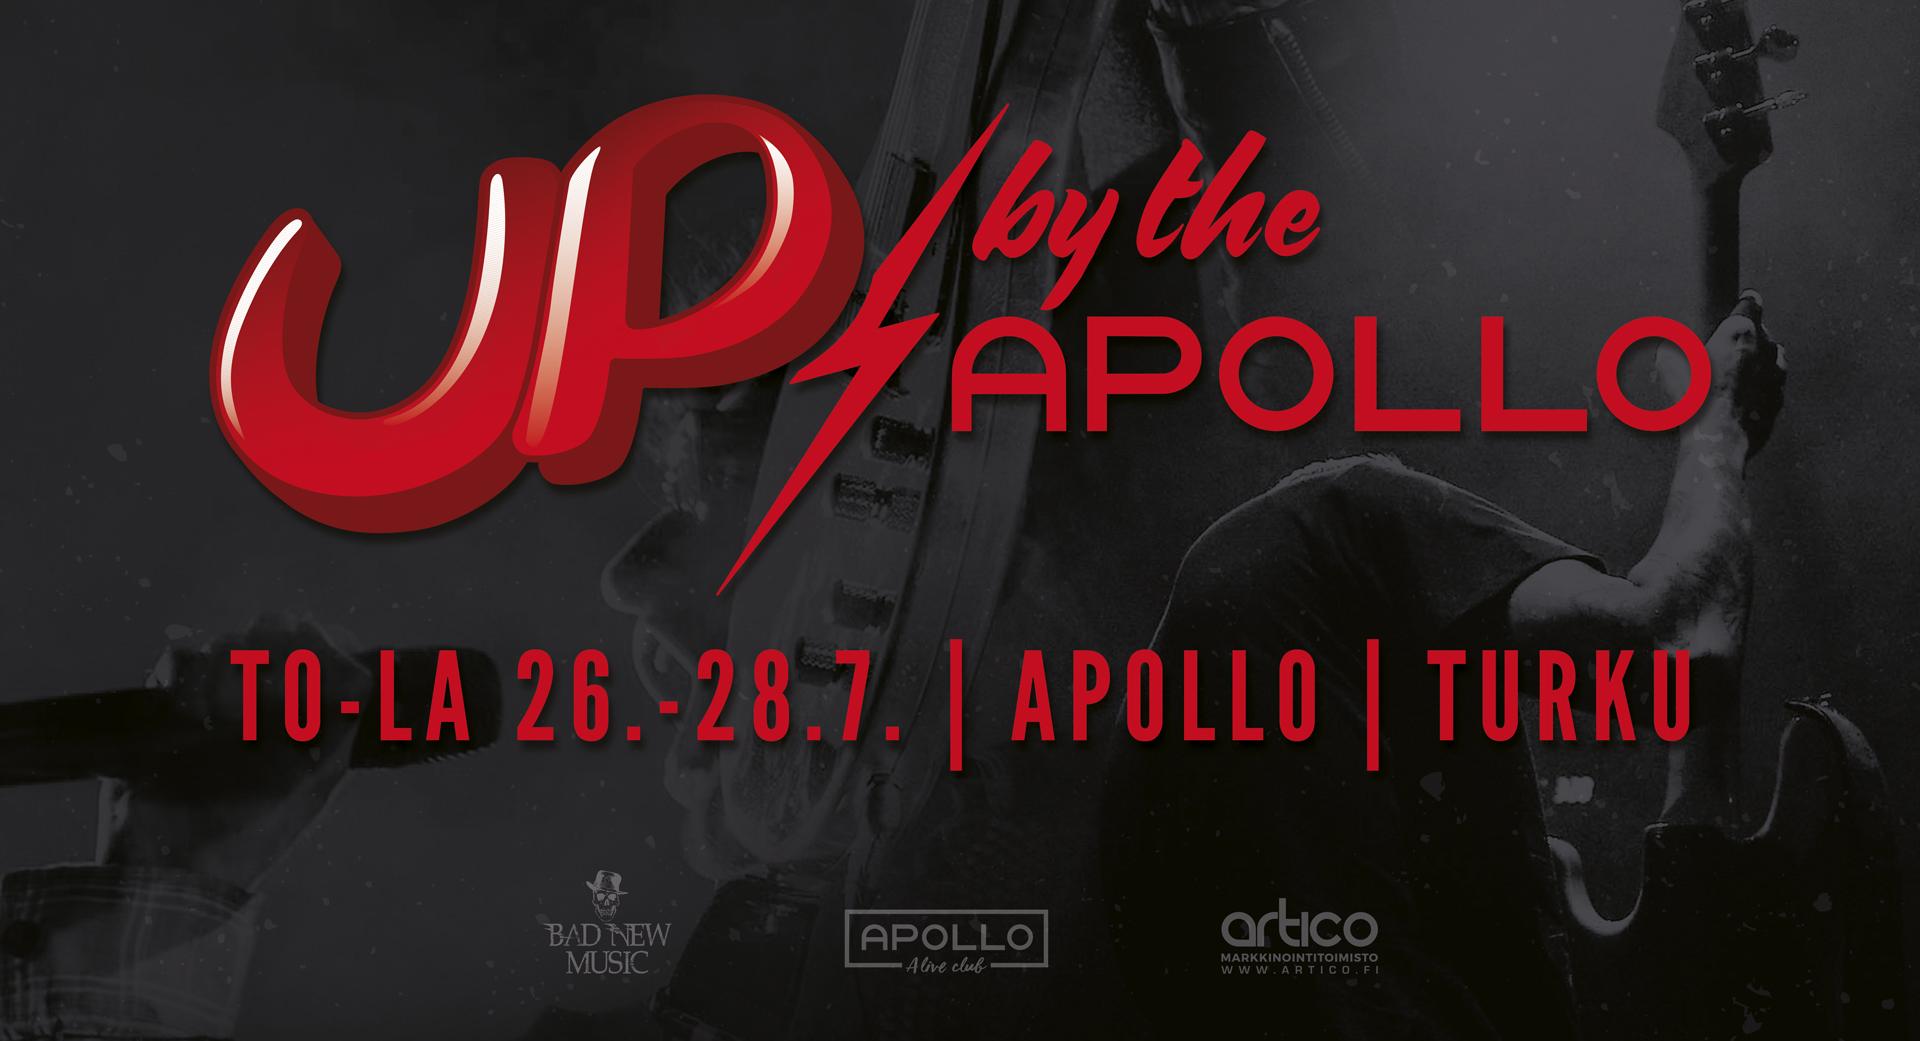 Up By The Apollo – Uusi tapahtumakonsepti persoonatonta ohjelmatarjontaa vastaan!